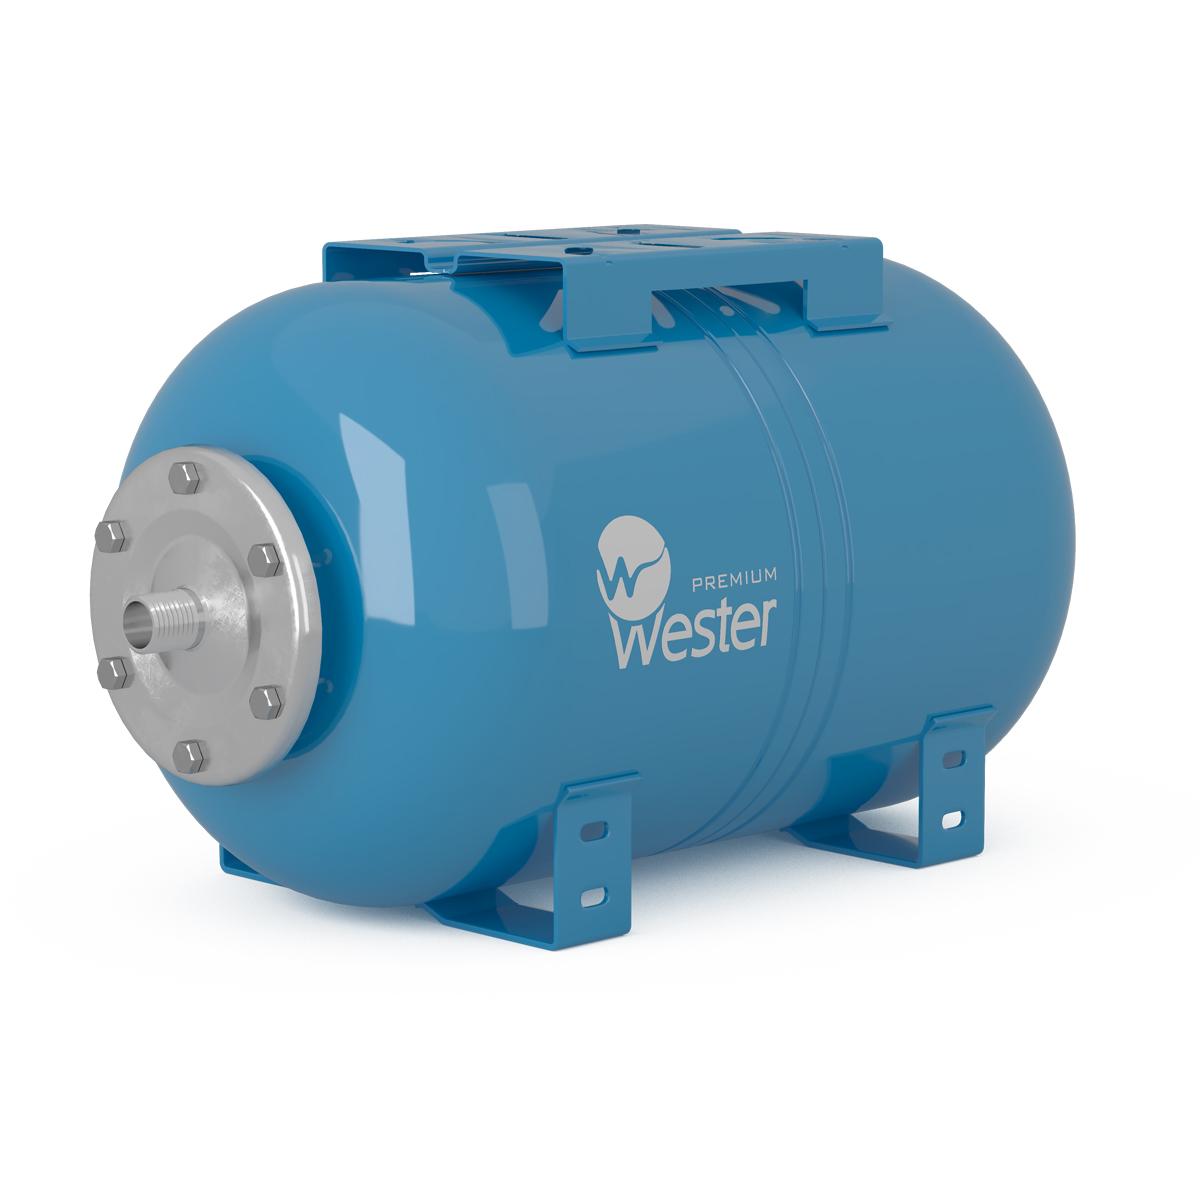 Бак мембранный для водоснабжения гориз-ный Wester Premium WAO24 нерж. контрфланец